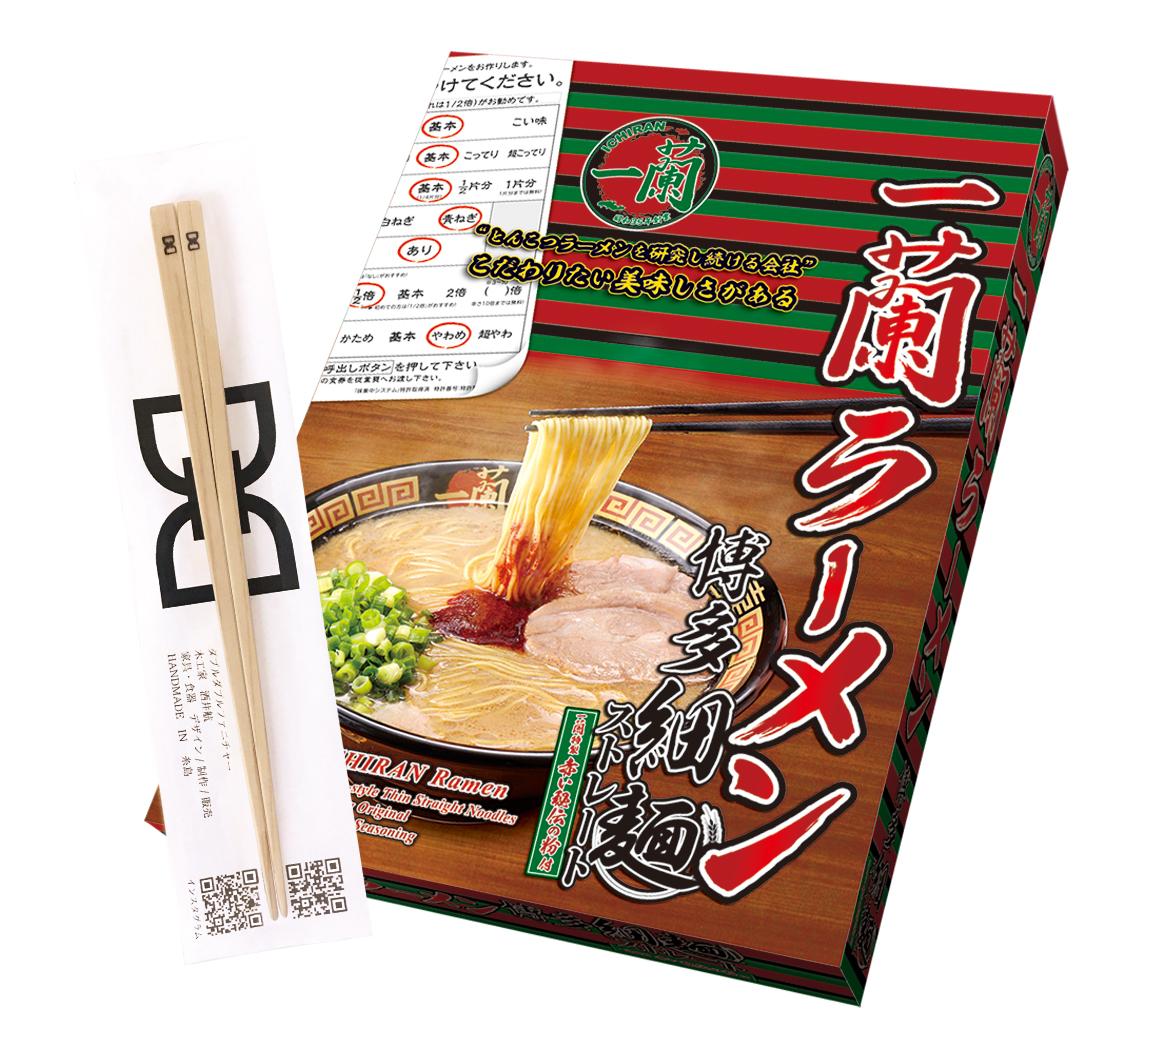 「 祝・糸島市制施行10周年!」 一蘭ラーメン&糸島産ひのき箸のセットを限定販売開始